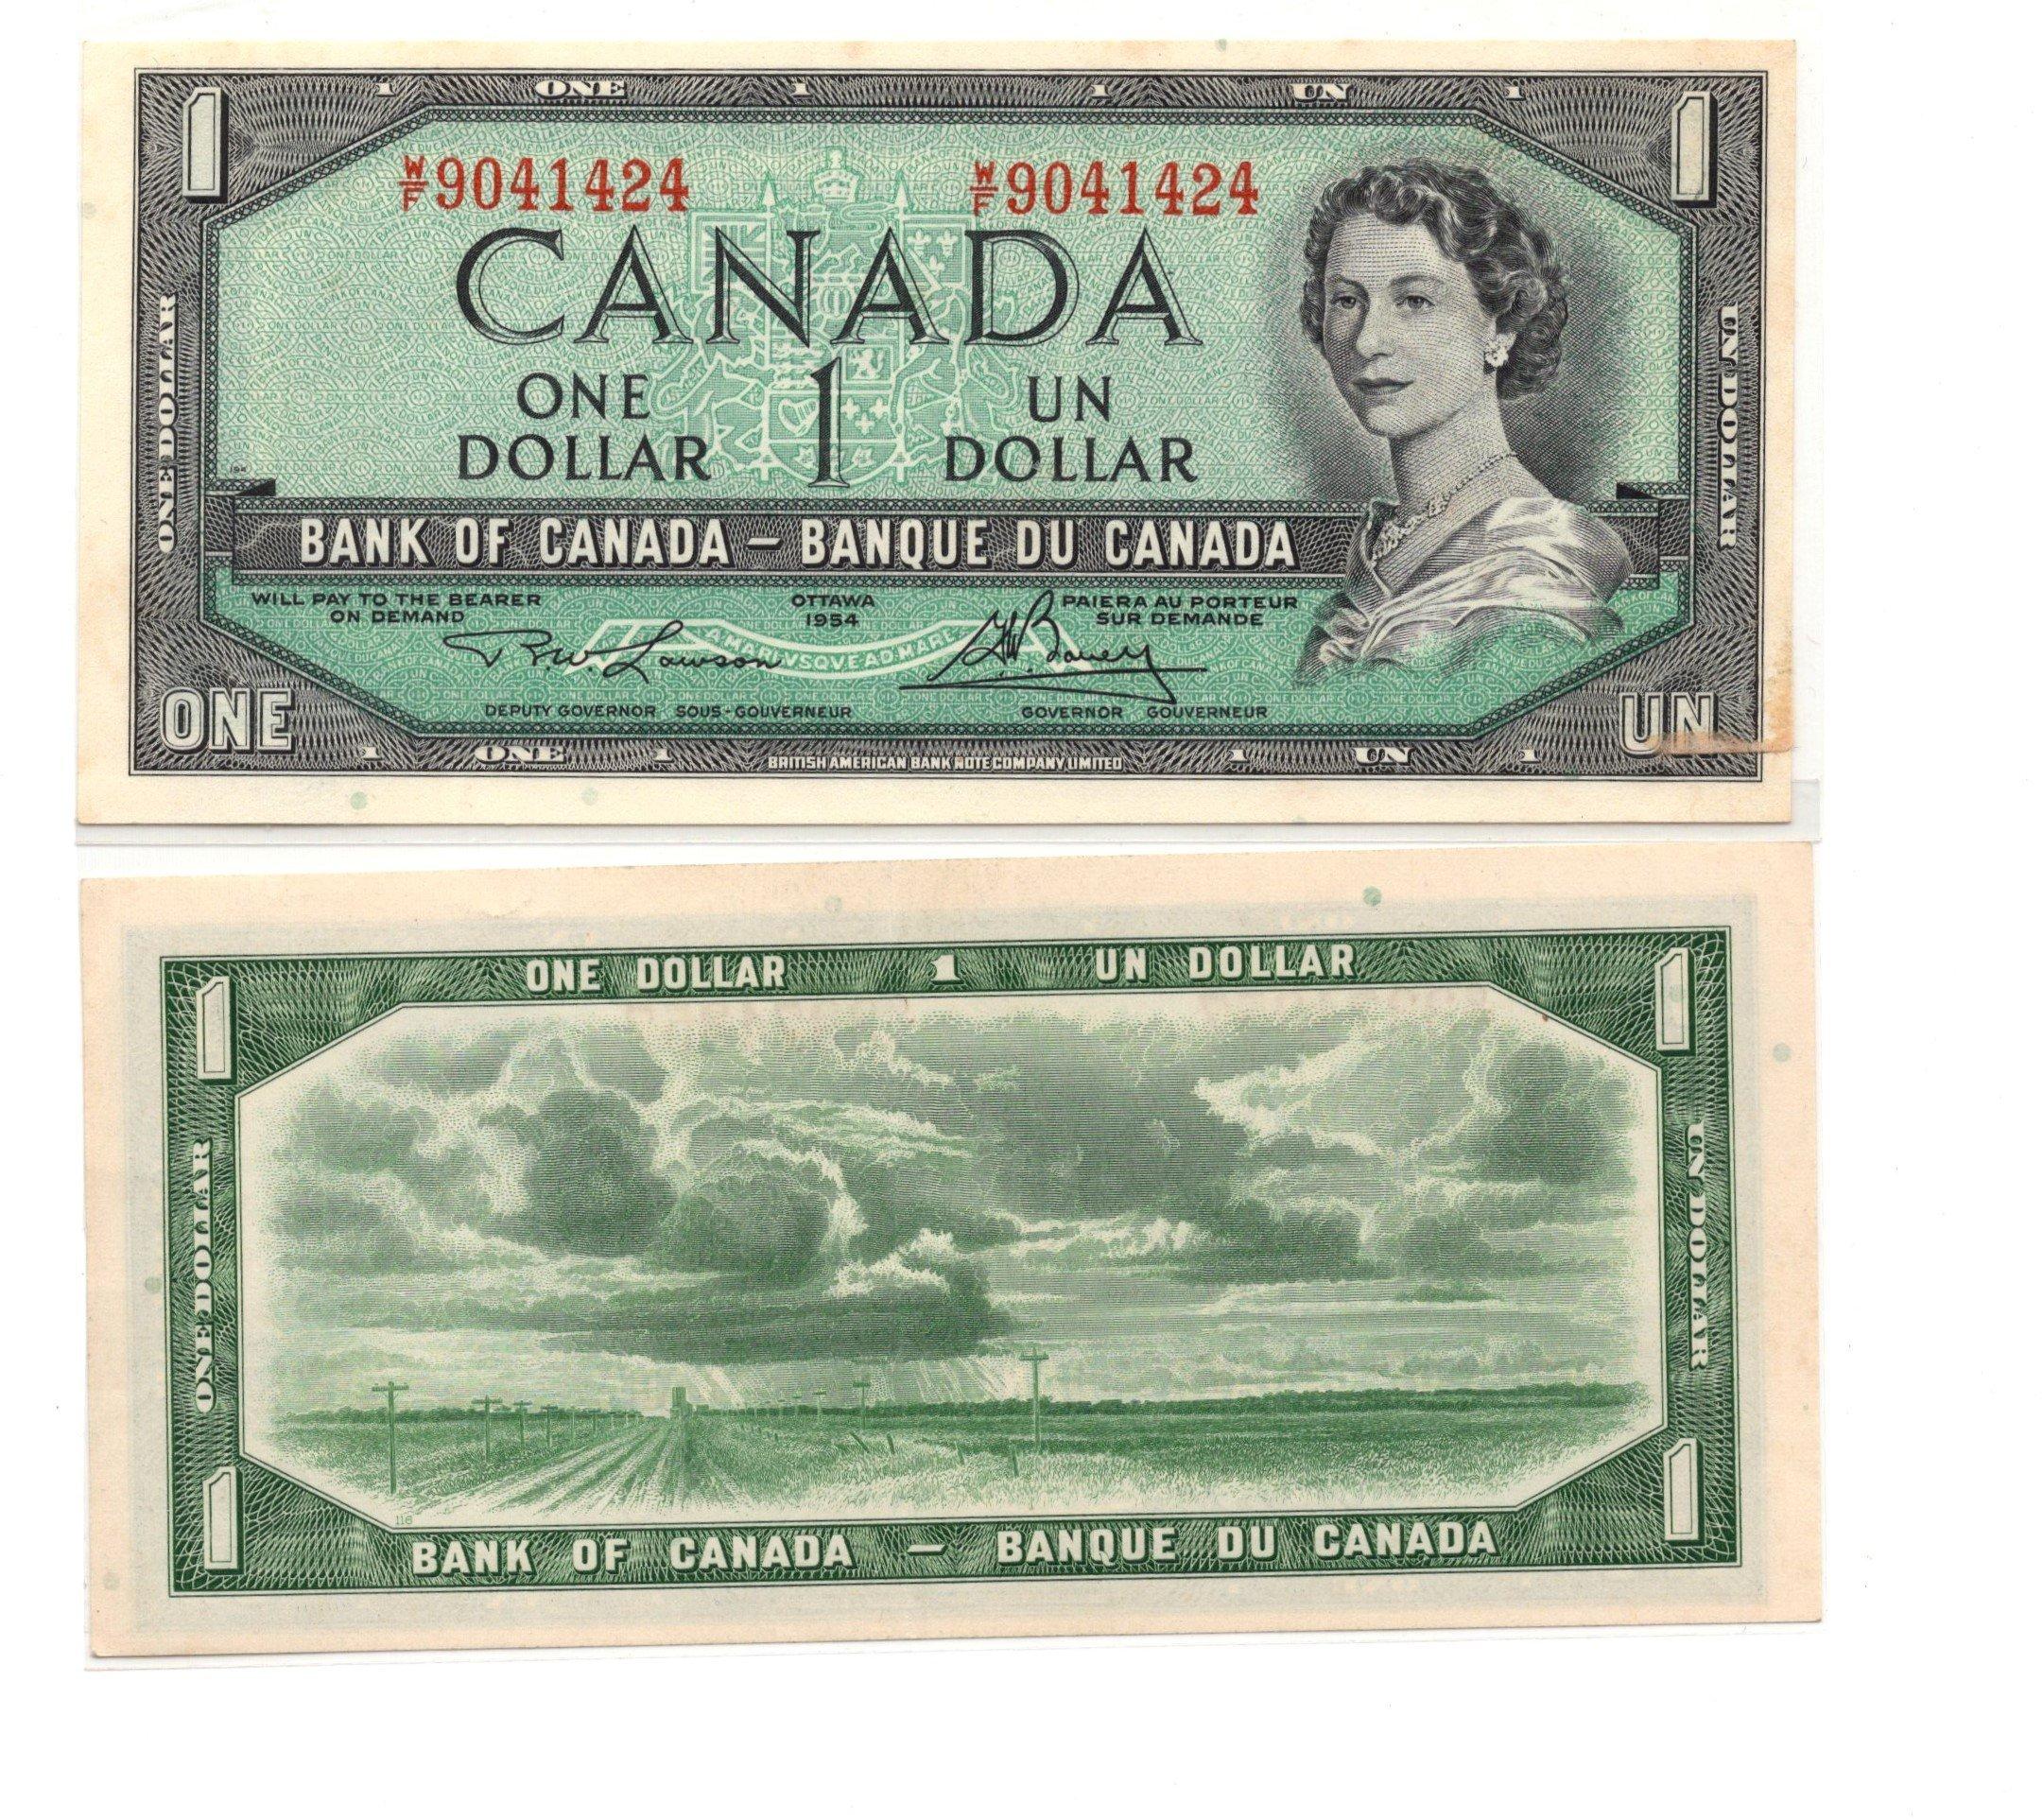 Canada 1 dollar 1964